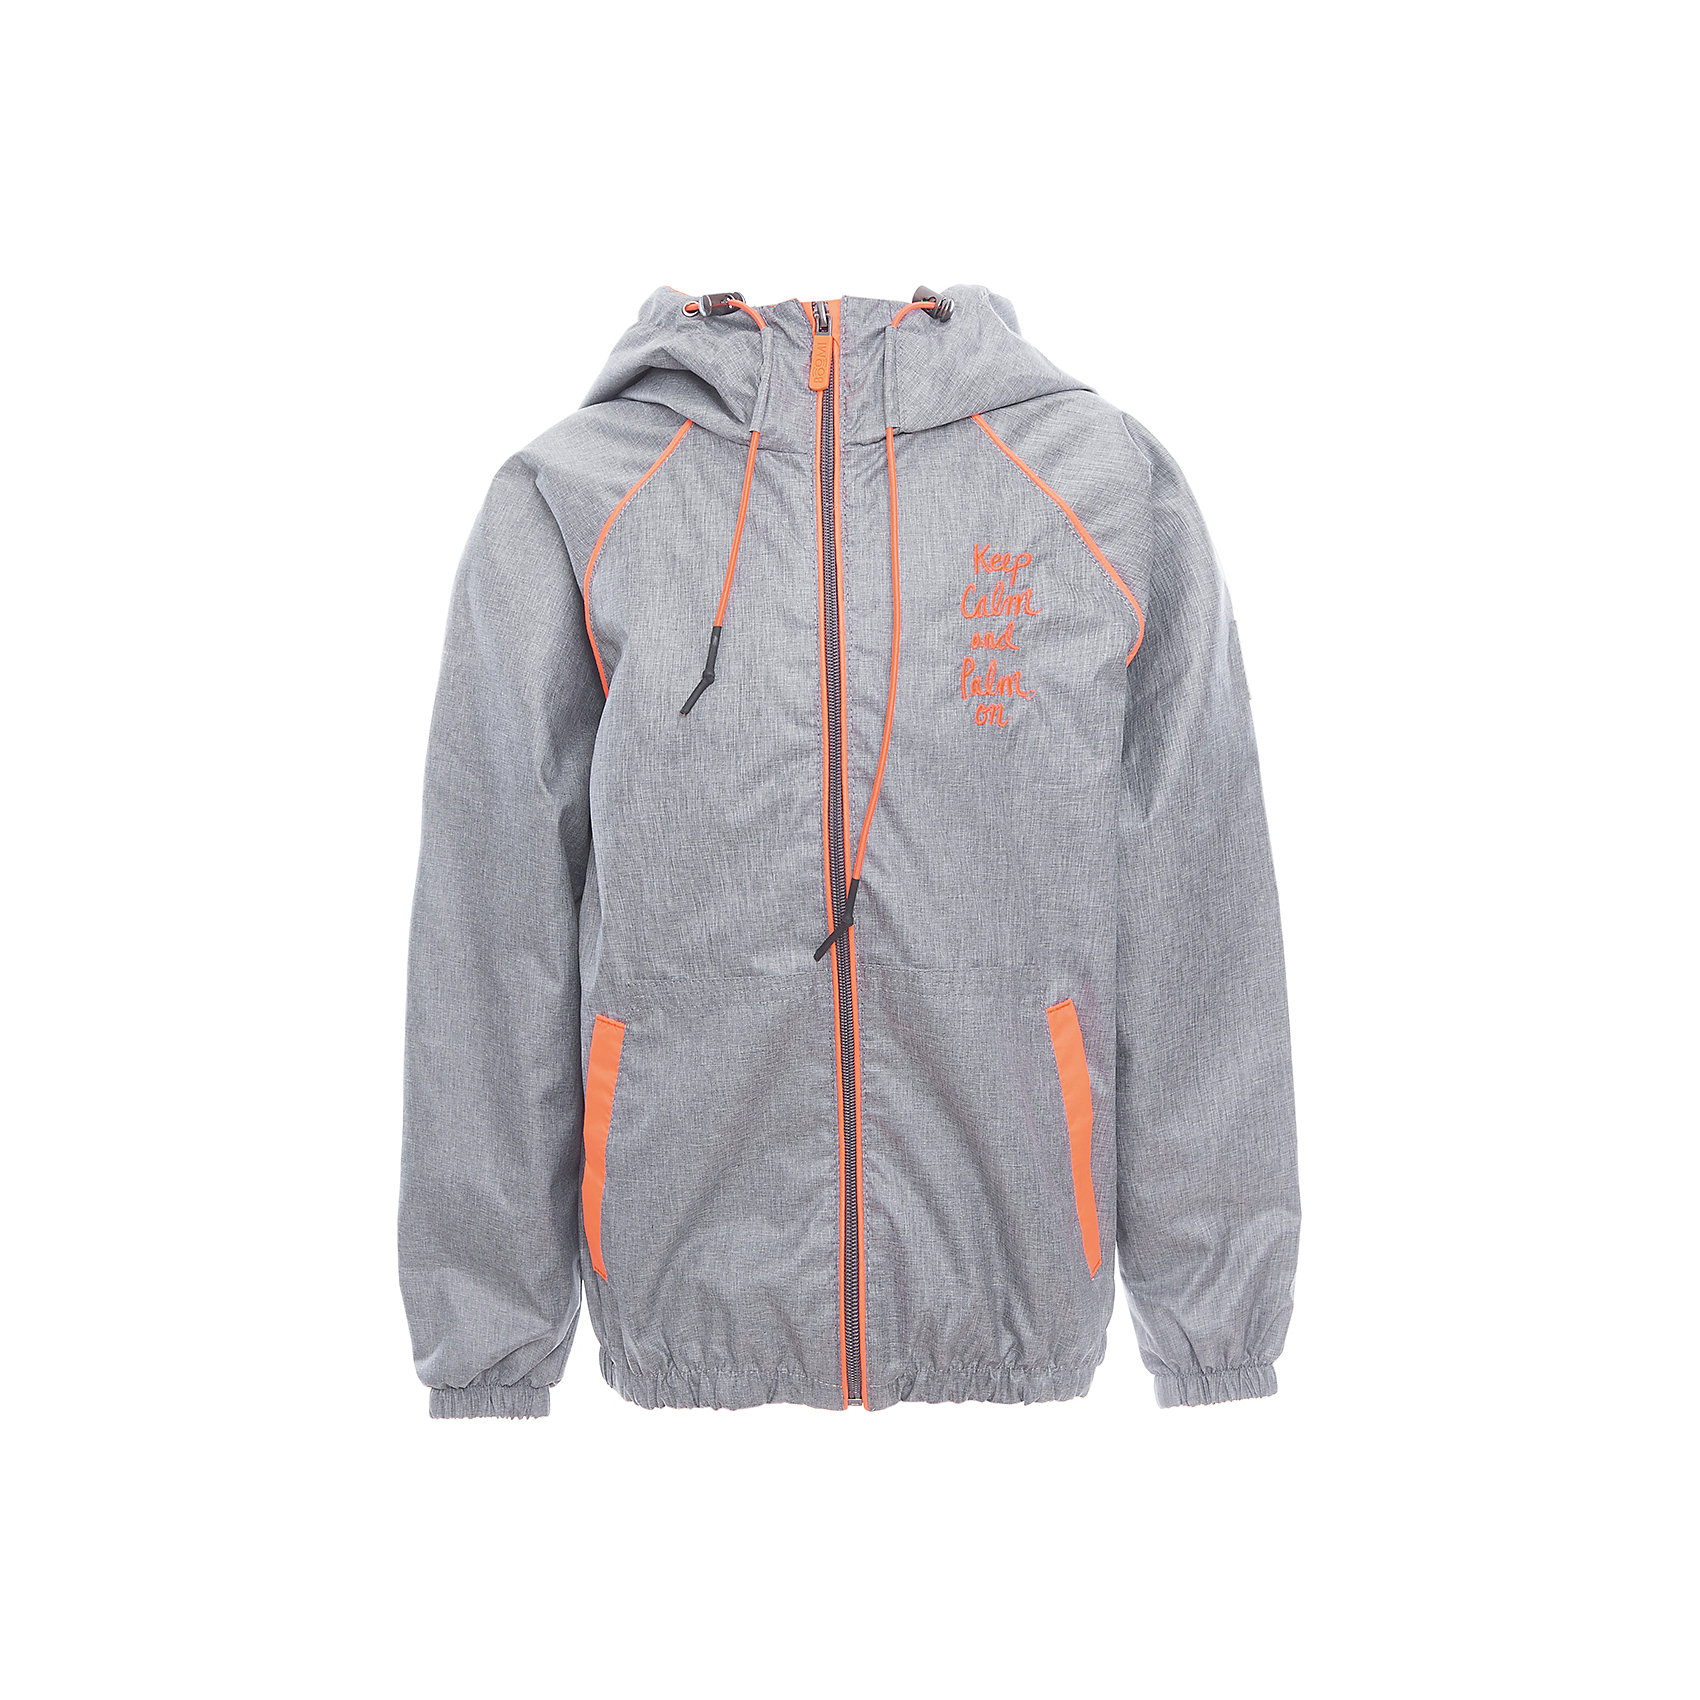 Куртка для мальчика BOOM by OrbyВерхняя одежда<br>Характеристики товара:<br><br>• цвет: серый<br>• состав: верх - таффета, подкладка - поликоттон, полиэстер, без утеплителя<br>• температурный режим: от +10° до +20°С<br>• карманы<br>• застежка - молния<br>• капюшон с утяжкой<br>• украшена принтом<br>• эластичные манжеты<br>• комфортная посадка<br>• страна производства: Российская Федерация<br>• страна бренда: Российская Федерация<br>• коллекция: весна-лето 2017<br><br>Легкая куртка - универсальный вариант и для прохладного летнего вечера, и для теплого межсезонья. Эта модель - модная и удобная одновременно! Изделие отличается стильным ярким дизайном. Куртка хорошо сидит по фигуре, отлично сочетается с различным низом. Вещь была разработана специально для детей.<br><br>Куртку для мальчика от бренда BOOM by Orby можно купить в нашем интернет-магазине.<br><br>Ширина мм: 356<br>Глубина мм: 10<br>Высота мм: 245<br>Вес г: 519<br>Цвет: серый<br>Возраст от месяцев: 36<br>Возраст до месяцев: 48<br>Пол: Мужской<br>Возраст: Детский<br>Размер: 104,158,122,128,86,134,92,140,98,110,116,146,152<br>SKU: 5343328